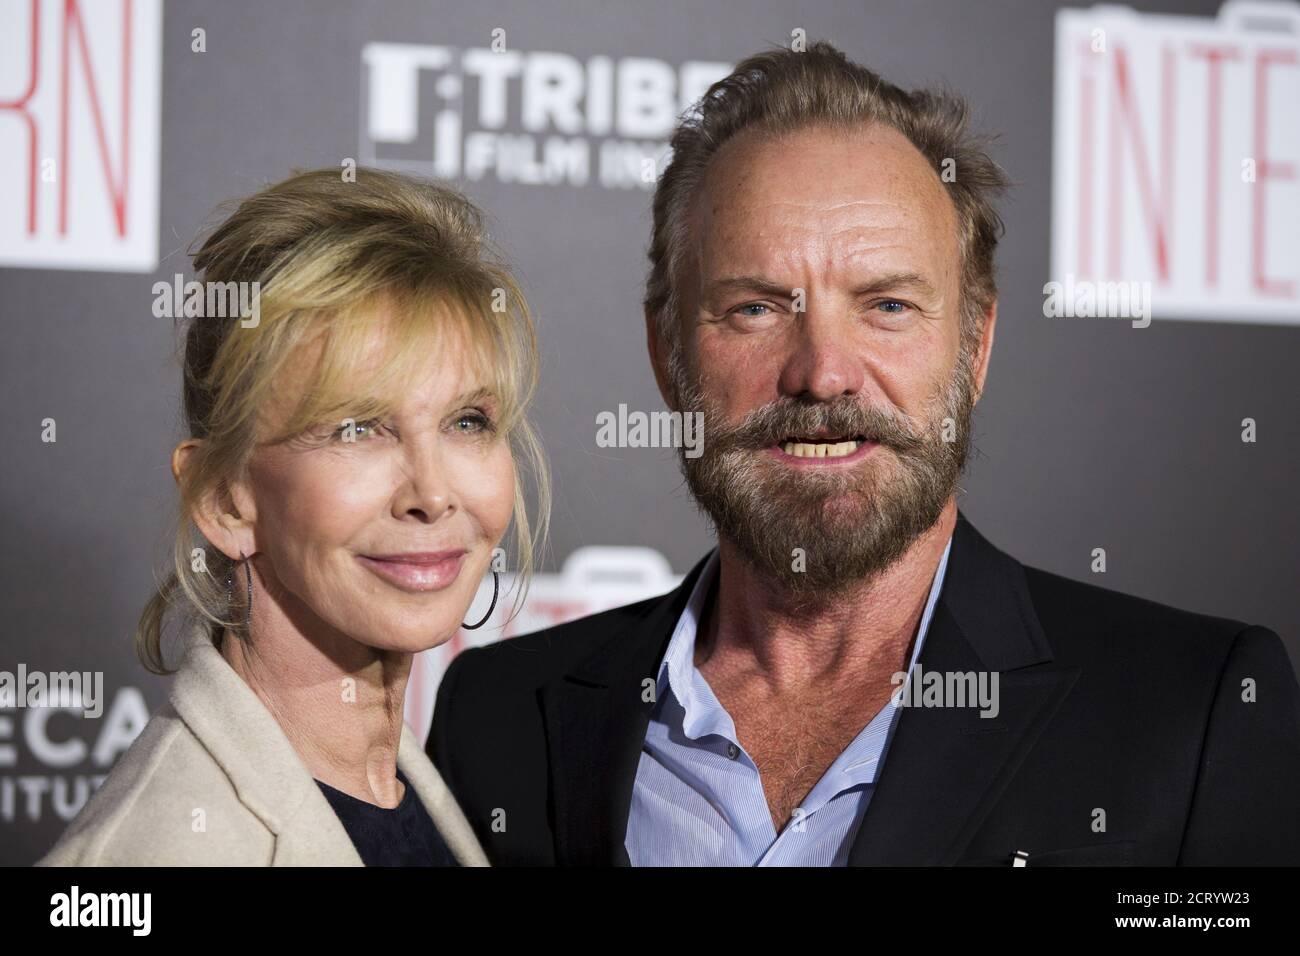 Sänger Sting und seine Frau Trudie Styler kommen zur Premiere von 'The Intern' am 21. September 2015 nach New York. REUTERS/Lucas Jackson Stockfoto